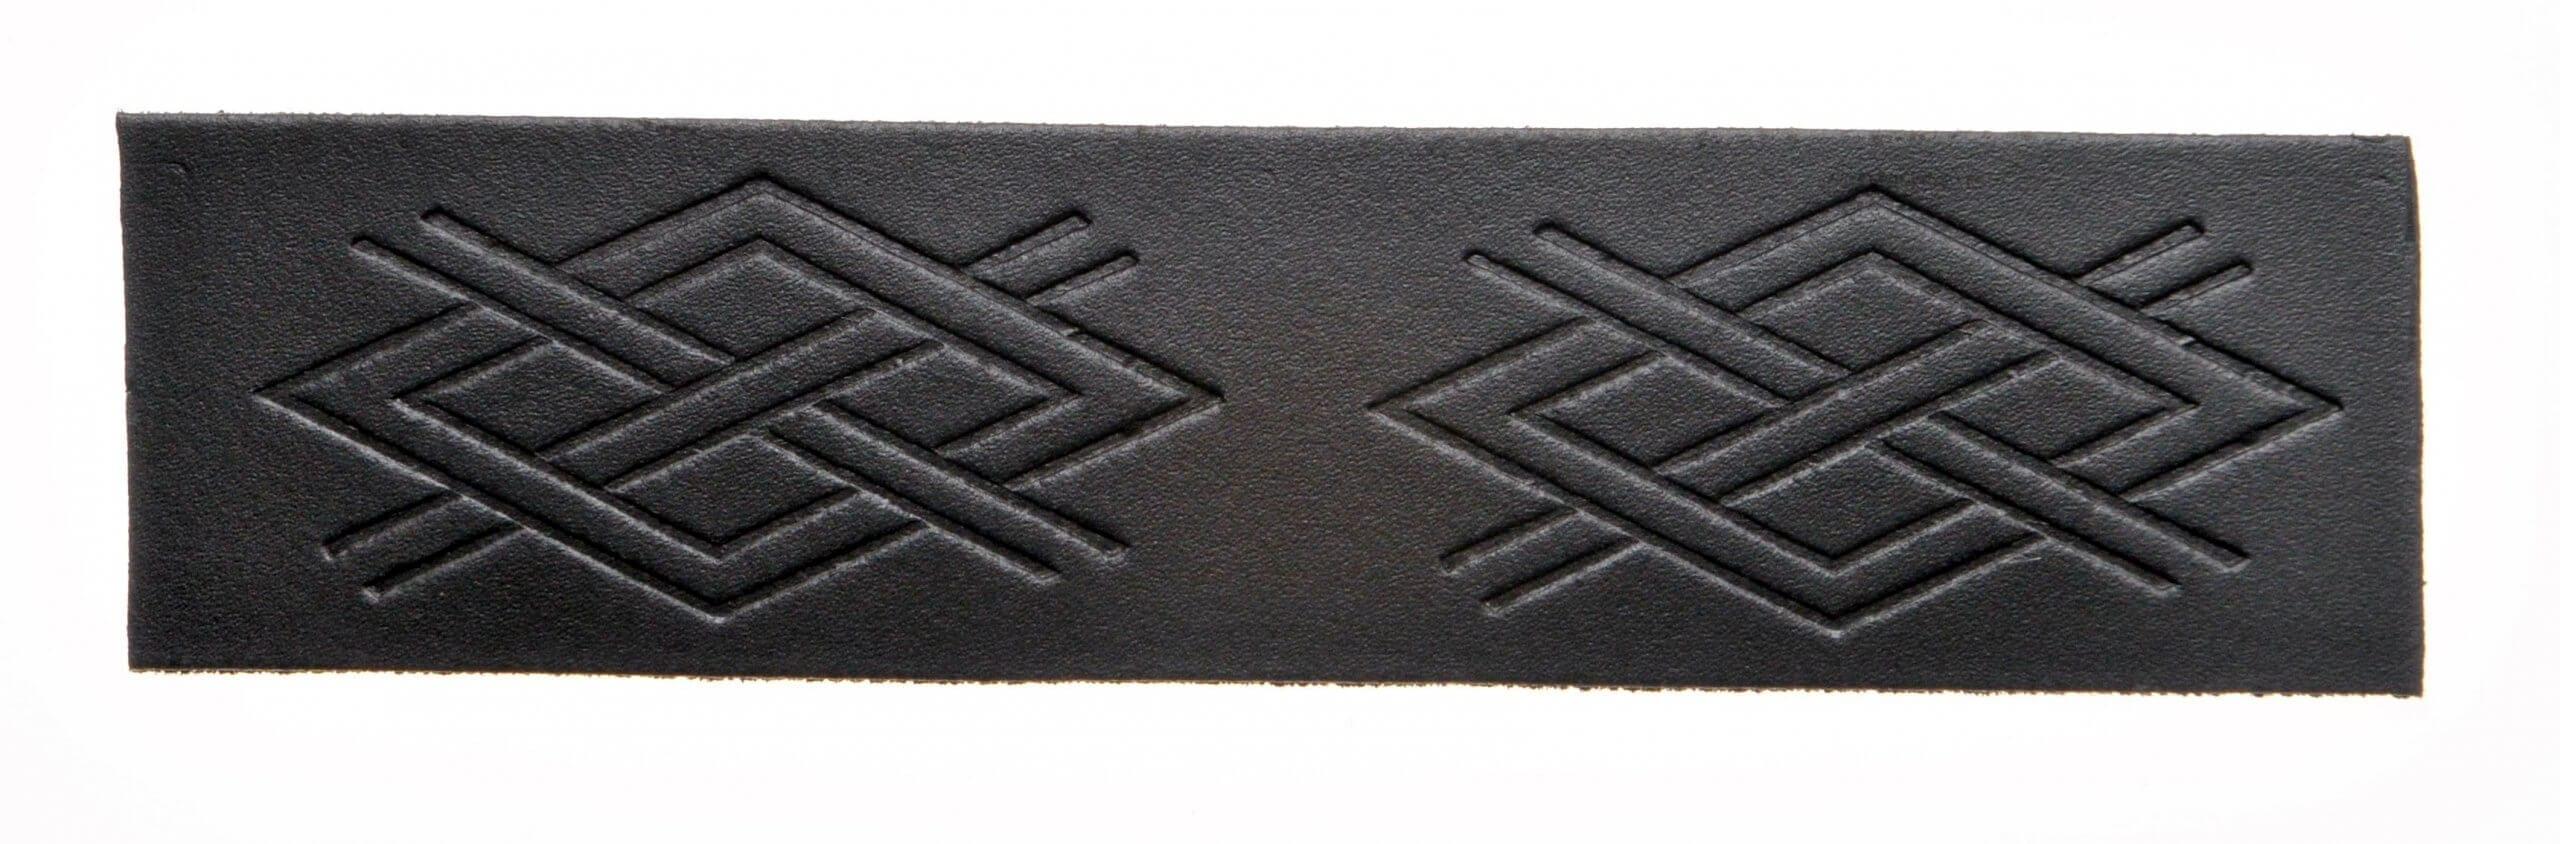 Kilt Belt - Celtic Cris Cross Embossed